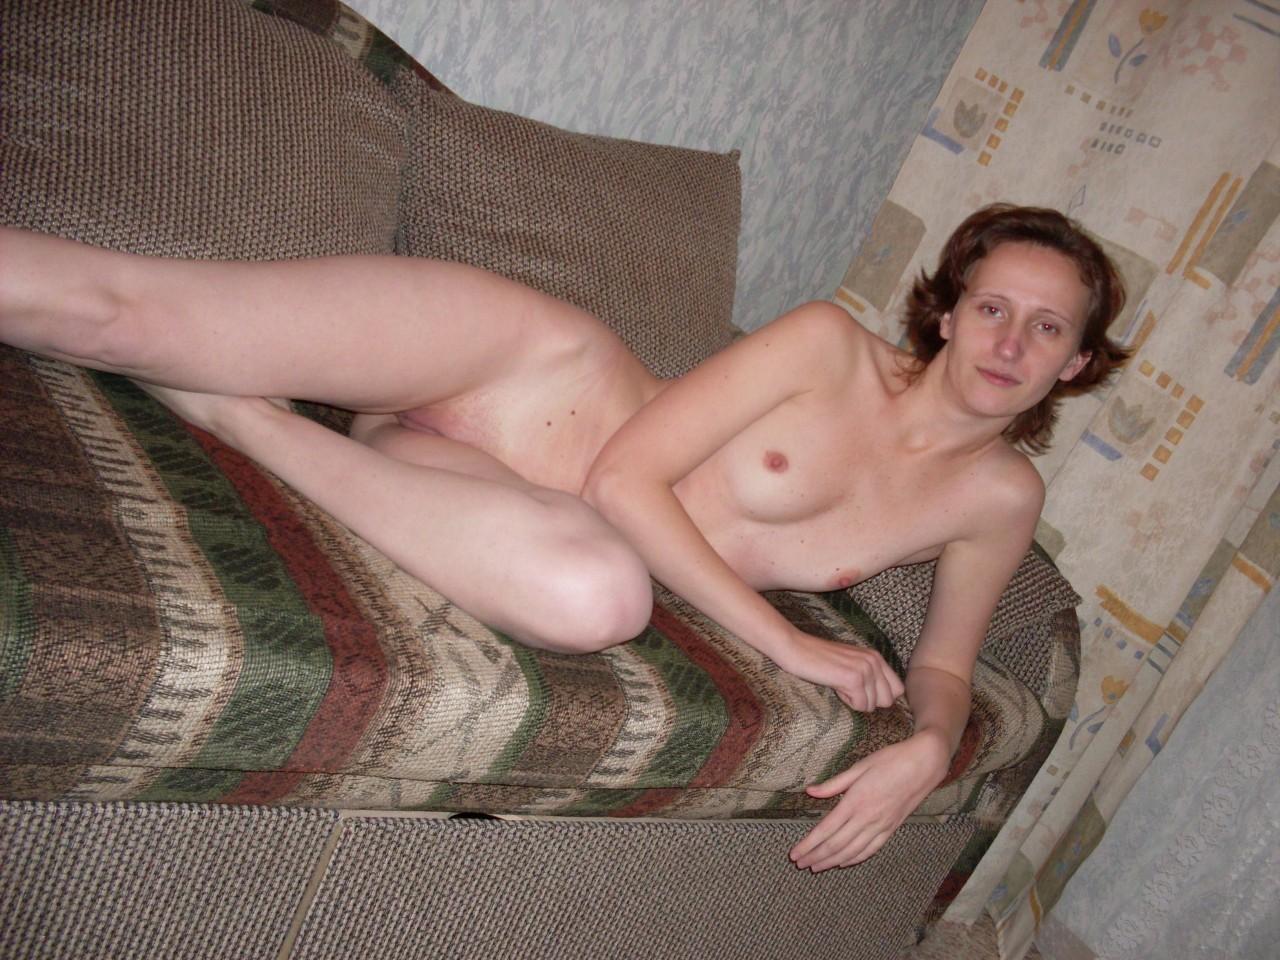 Частные голые жоны, Домашние фото голой жены. Моя голая жена 4 фотография